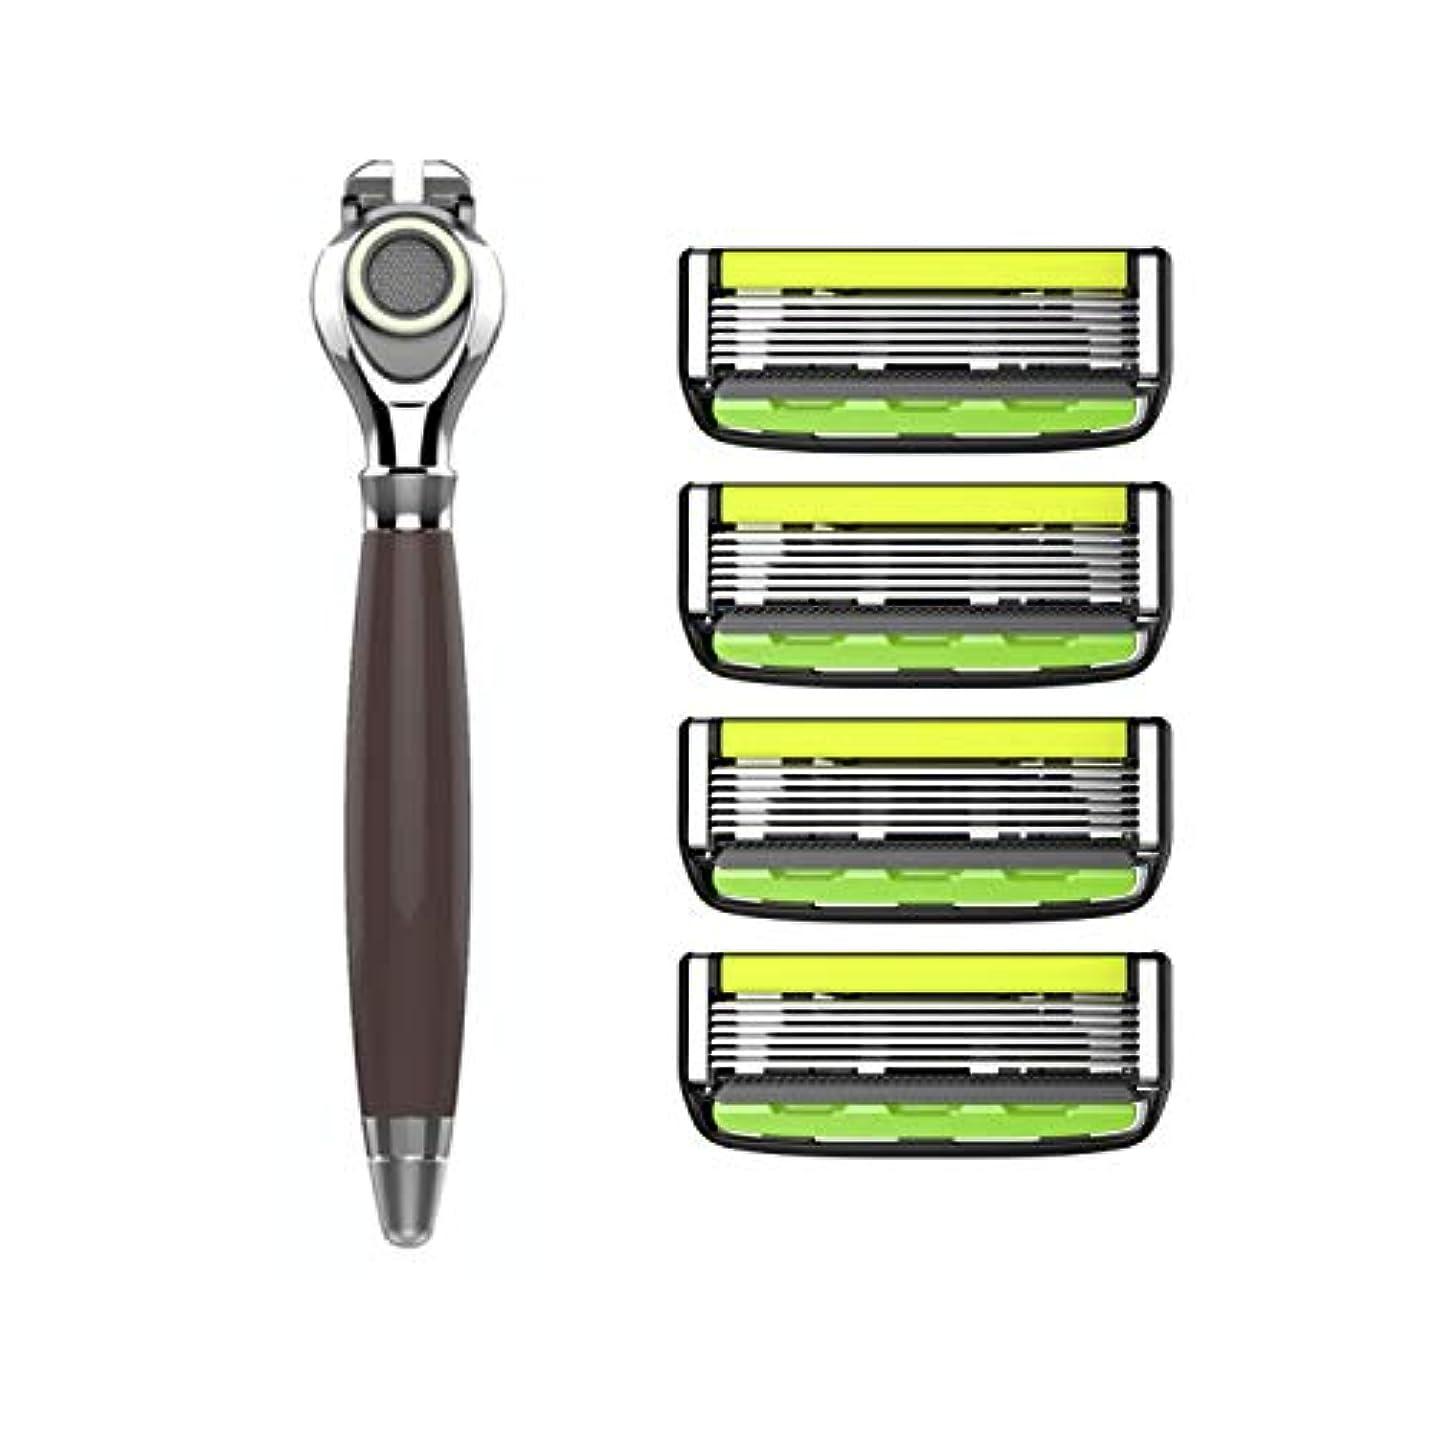 参照する空虚付録Dorco Pace 5: 5-Blade Manual Razor for Men & Women - Premier Precision- Common Docking System Compatible with...